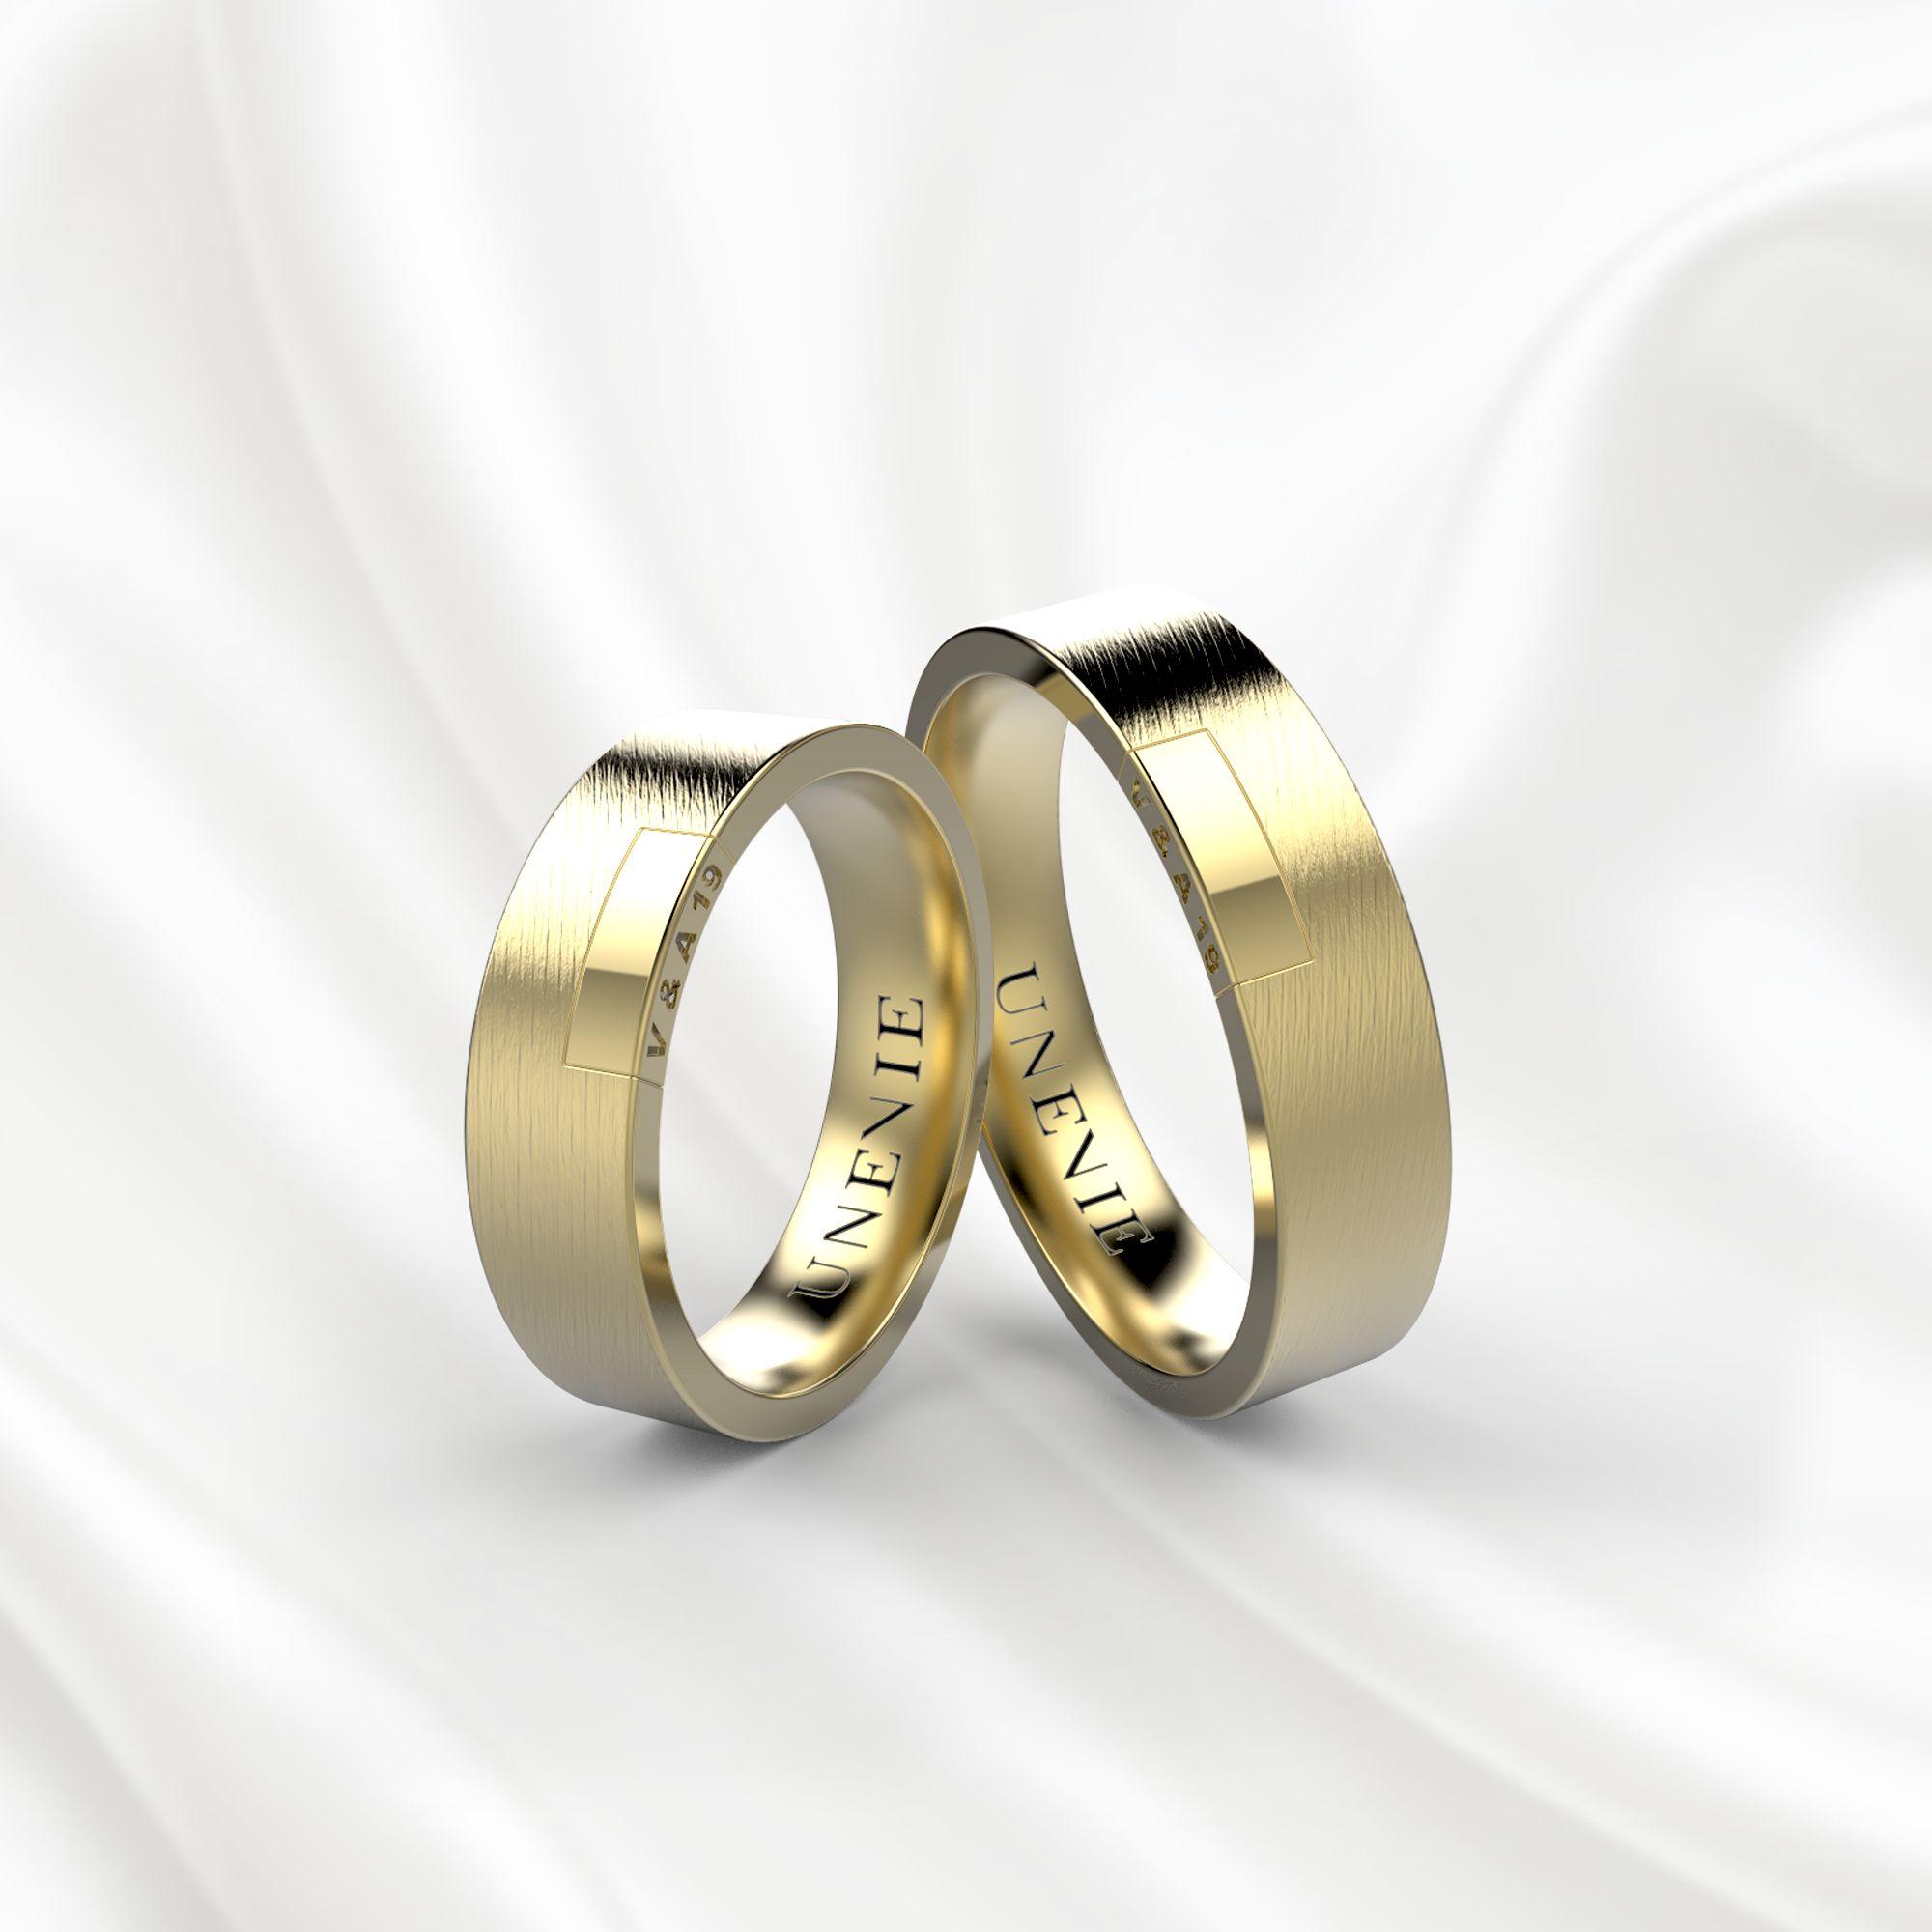 NV19 Обручальные кольца из желтого золота